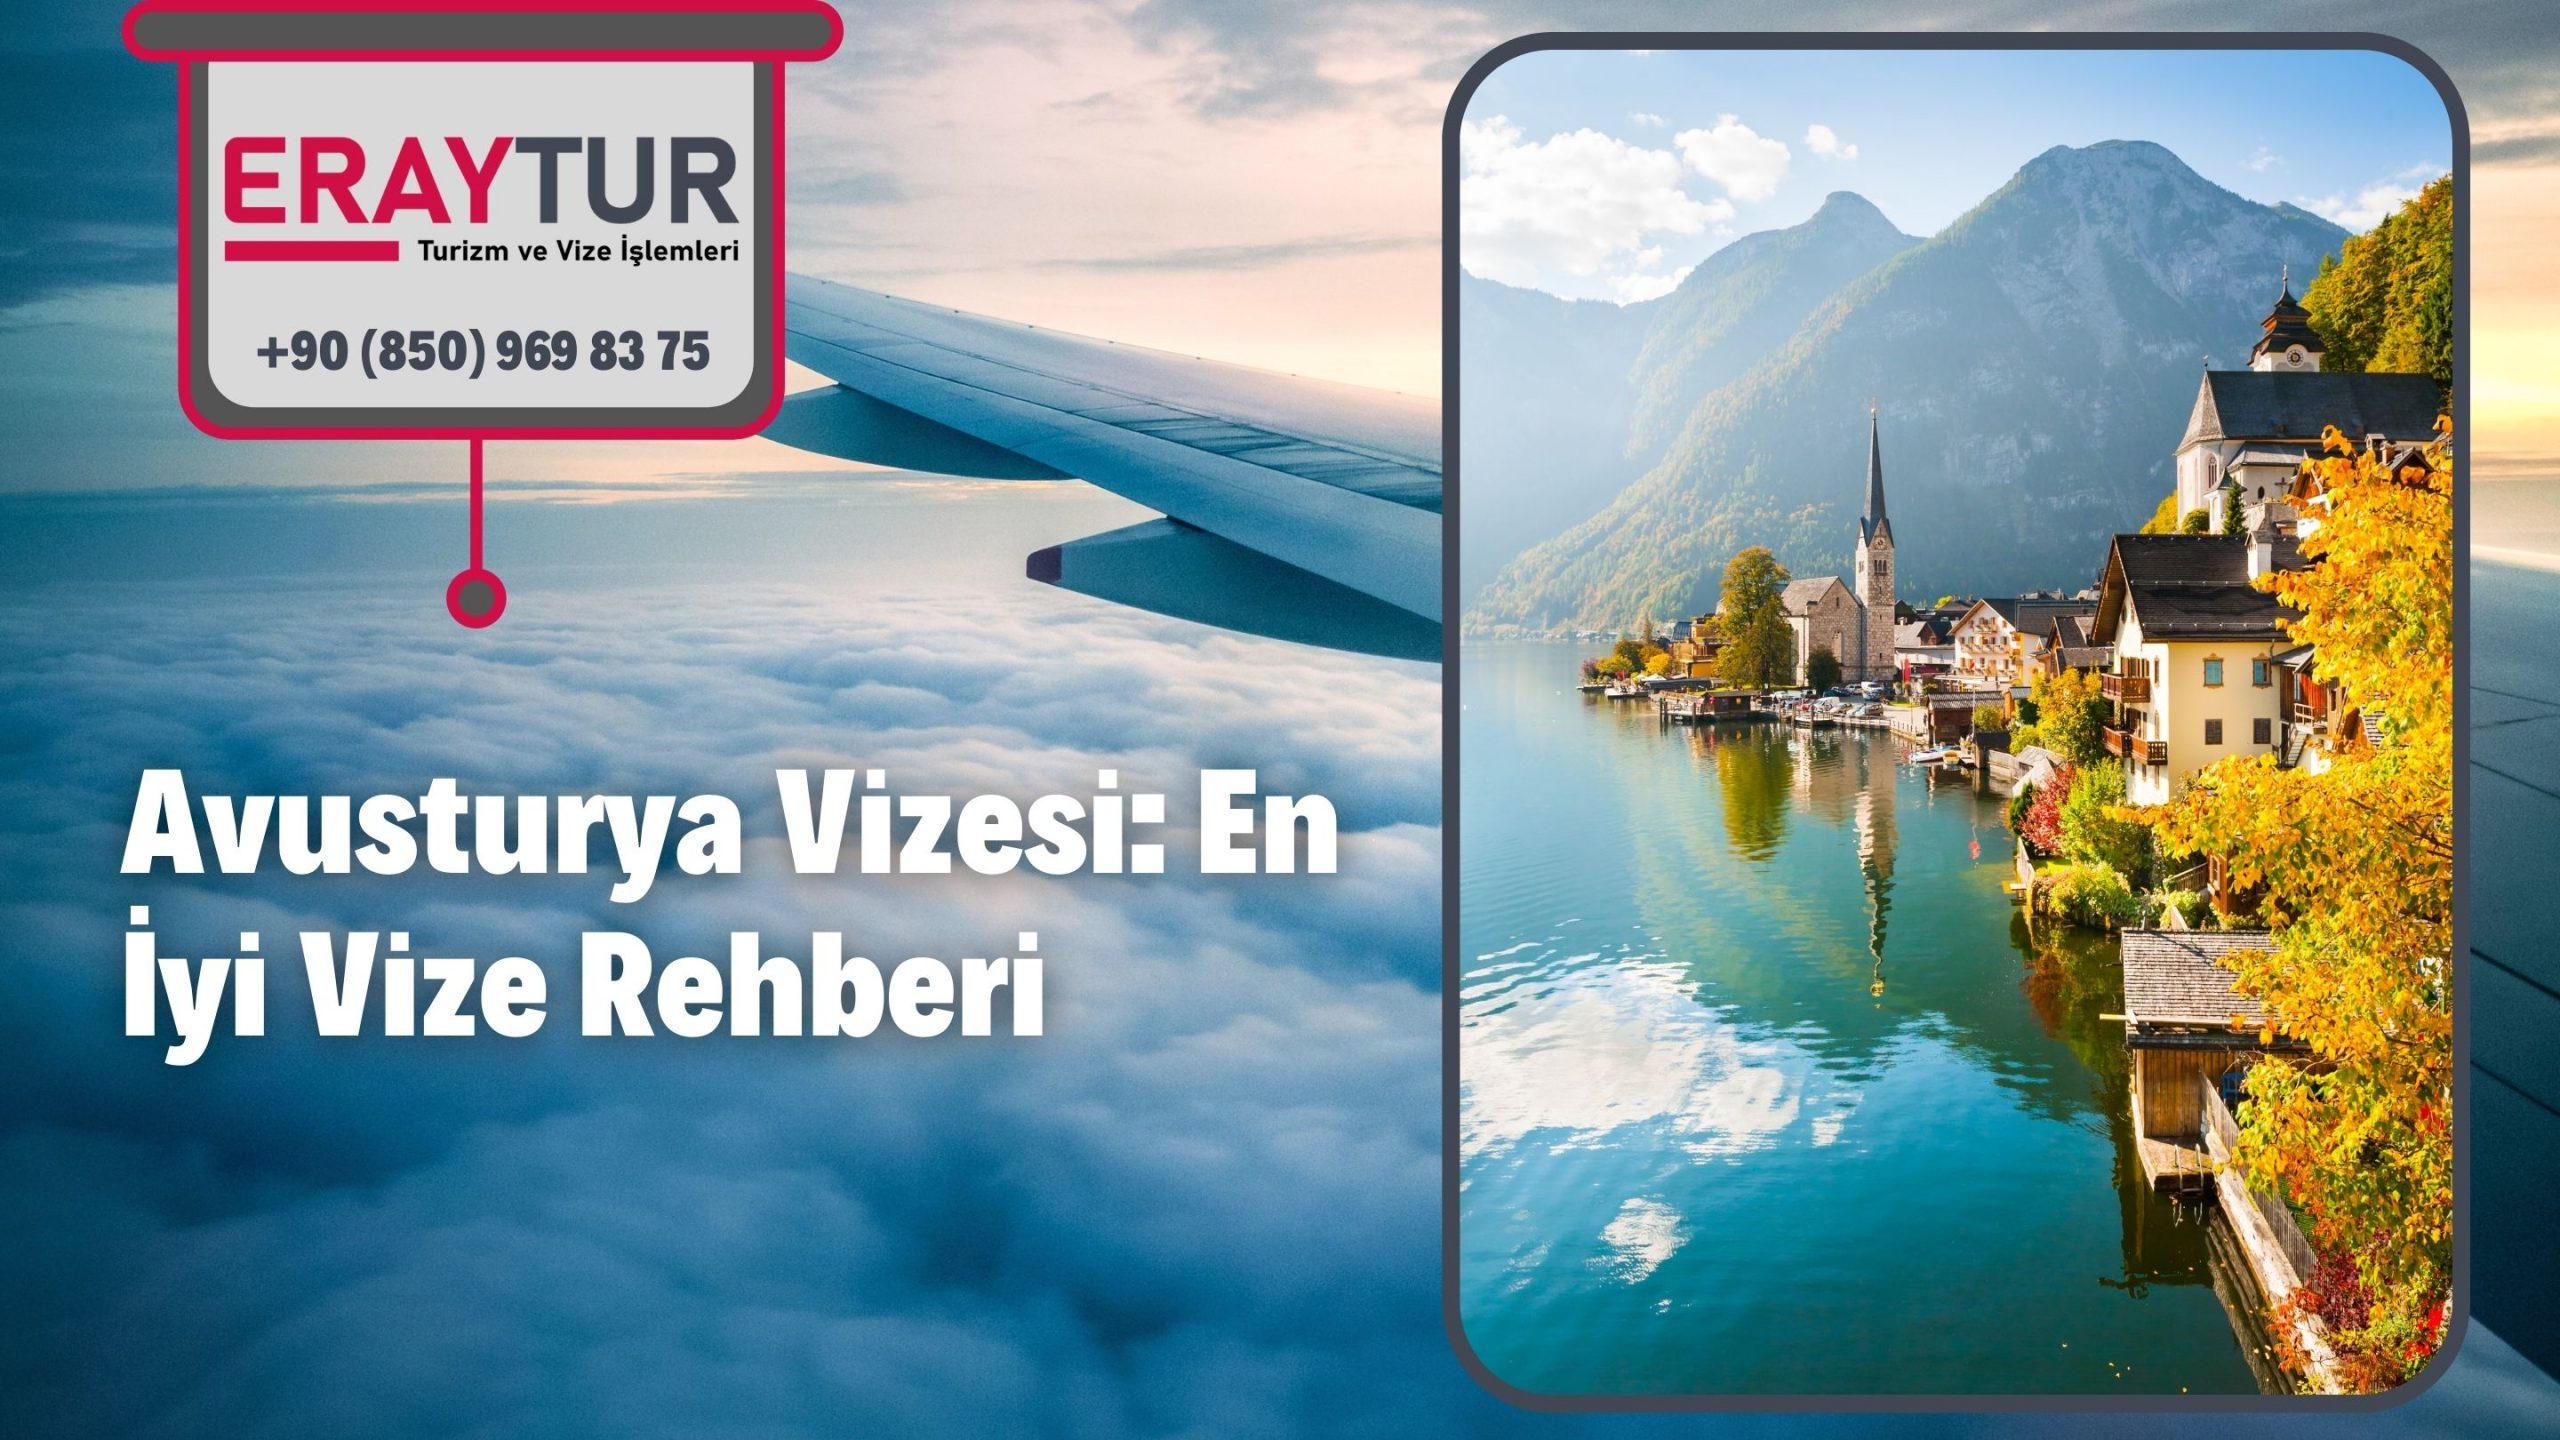 Avusturya Vizesi: En İyi Vize Rehberi 2021